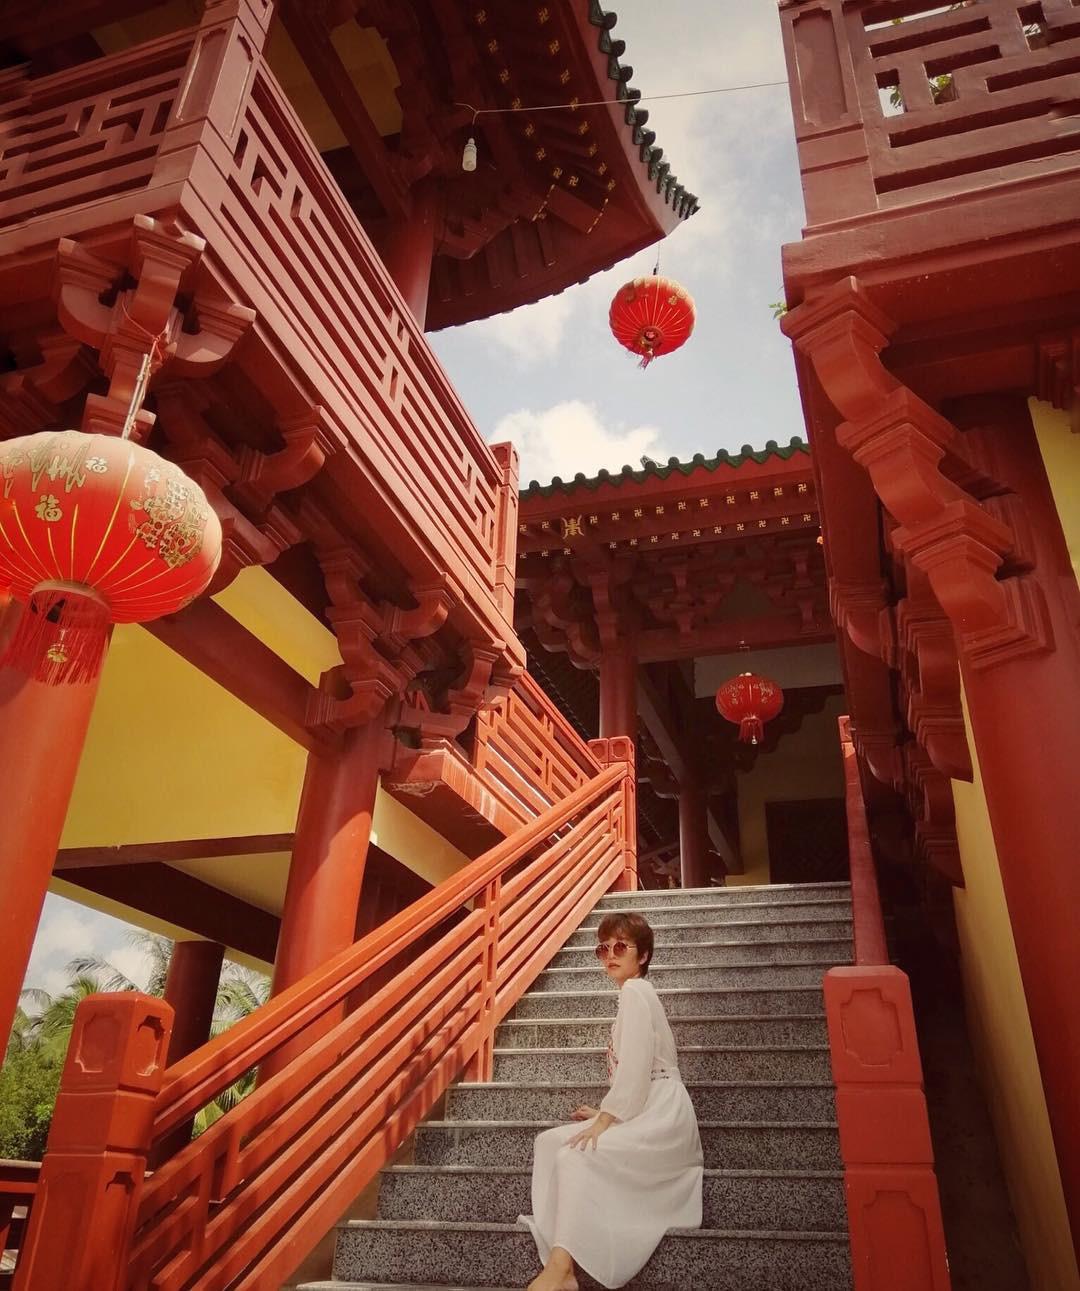 Chưa đi Nhật cũng đừng buồn, Việt Nam có hẳn 3 phiên bản chùa chiền có kiến trúc độc đáo cộp mác xứ sở mặt trời mọc đây này! - Ảnh 4.